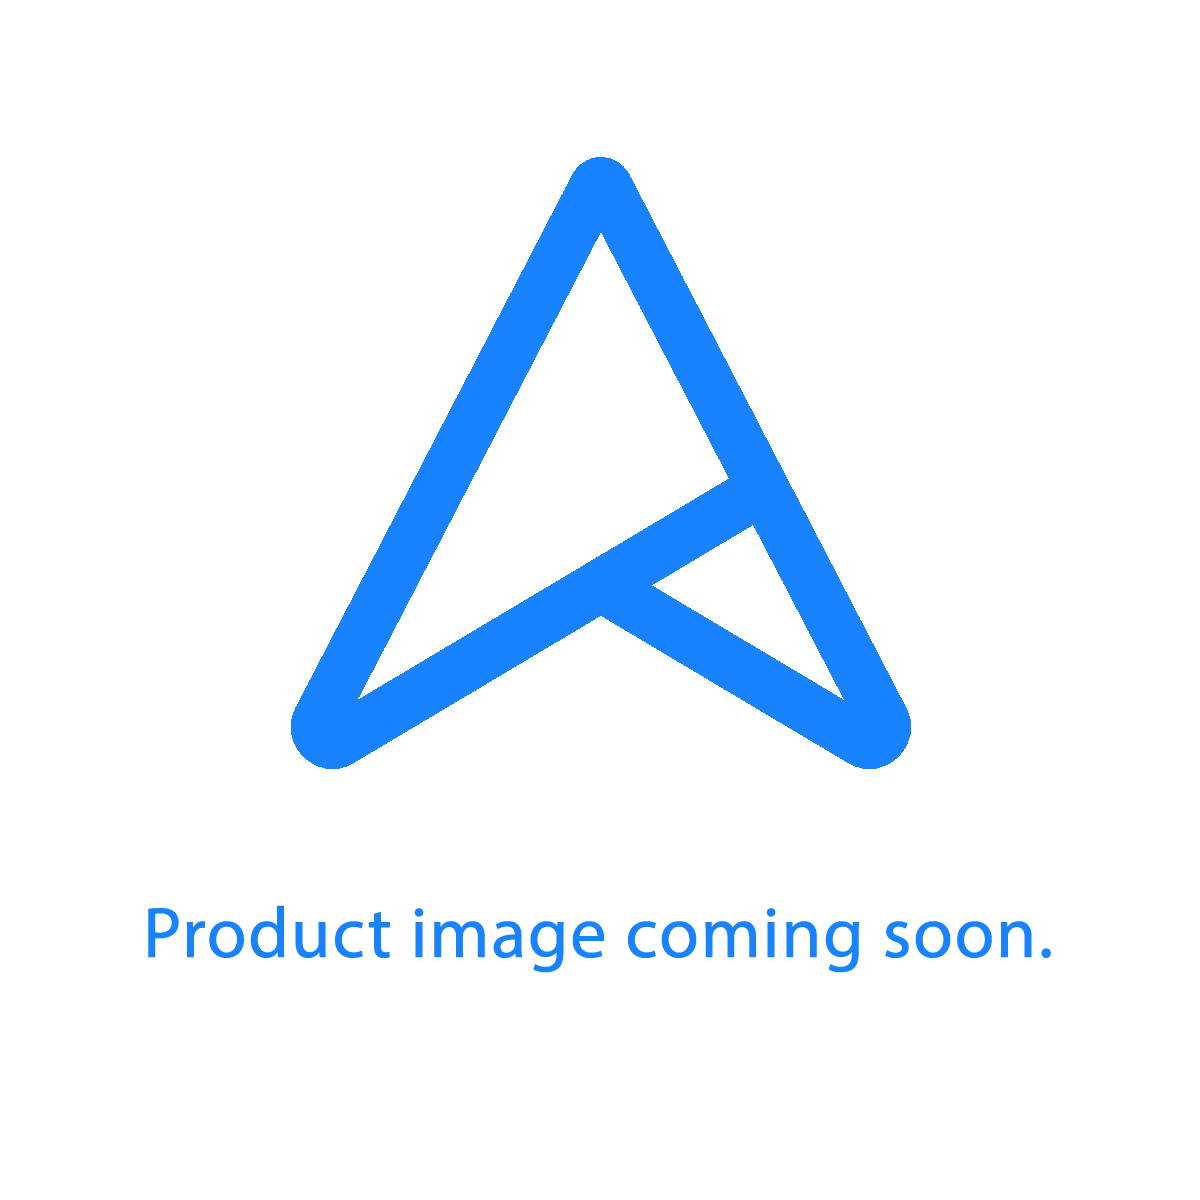 ASUS VivoBook S14 Z403FA-EB077T